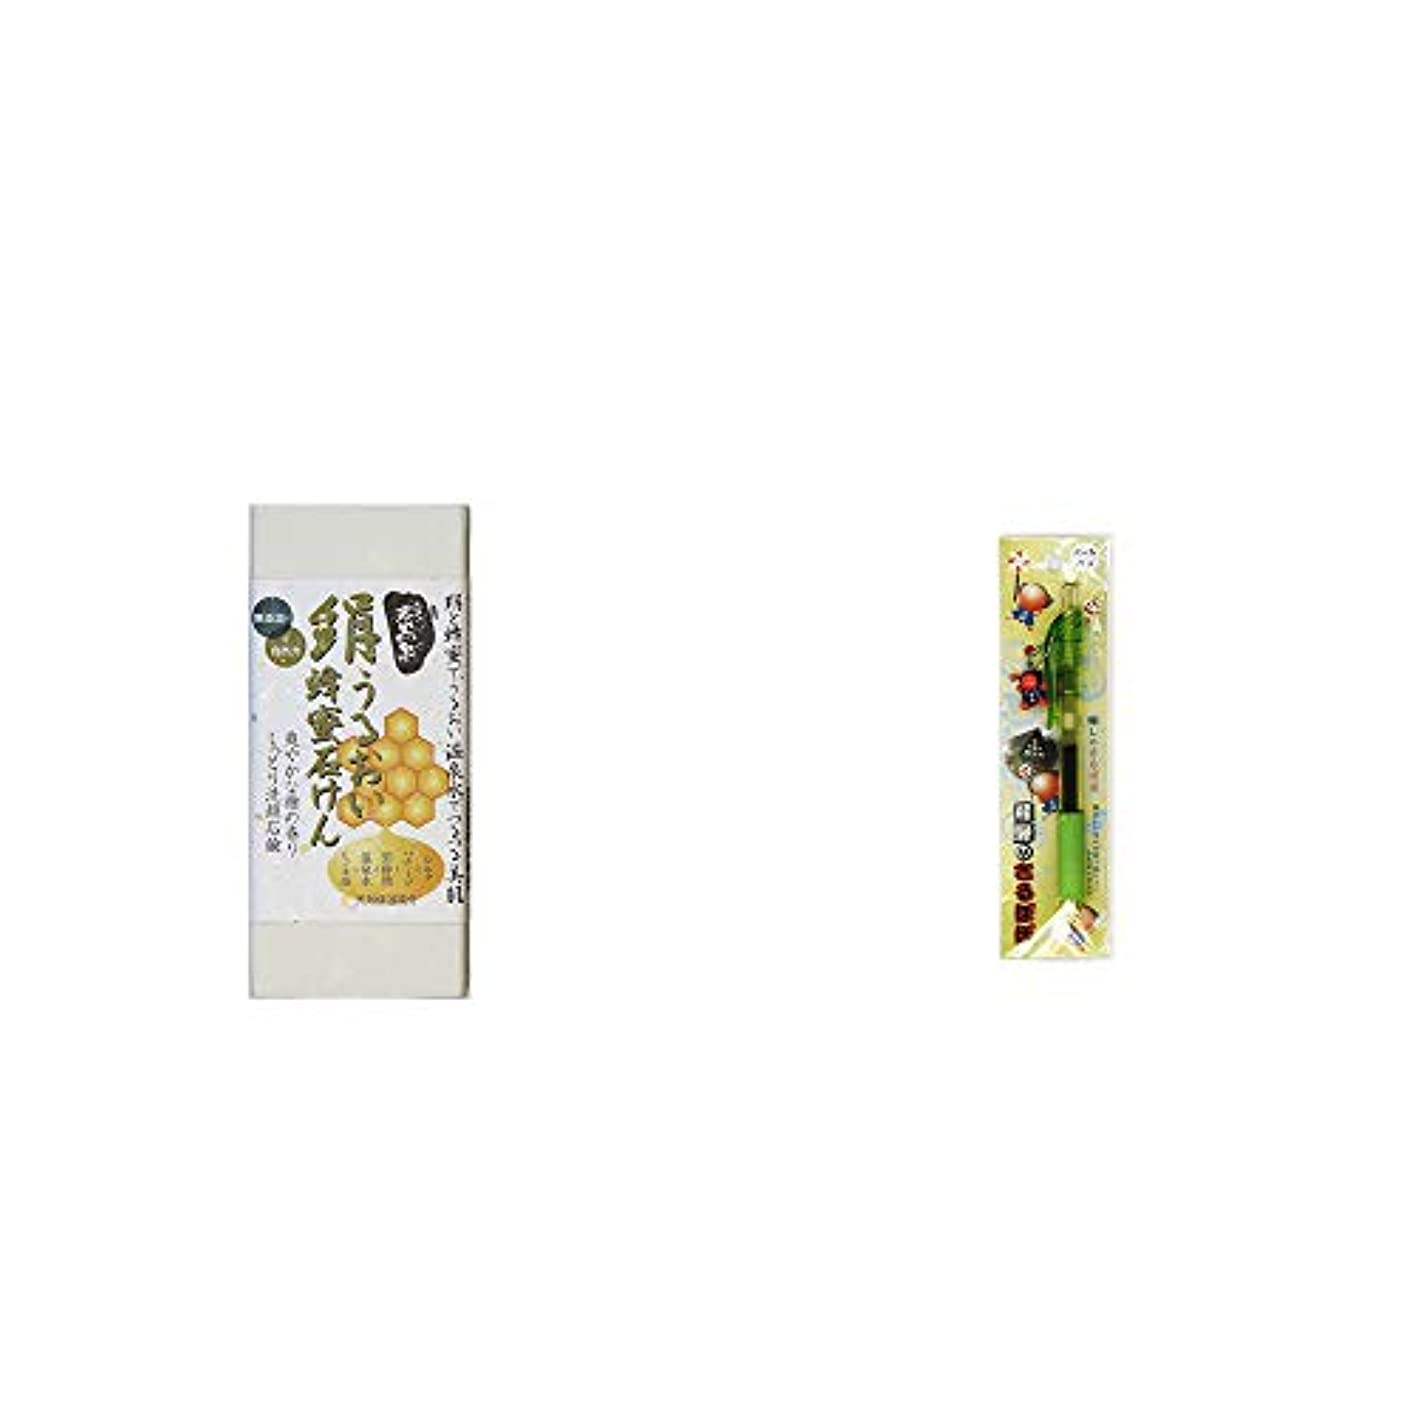 プレミア類推慢性的[2点セット] ひのき炭黒泉 絹うるおい蜂蜜石けん(75g×2)?さるぼぼ 癒しボールペン 【グリーン】